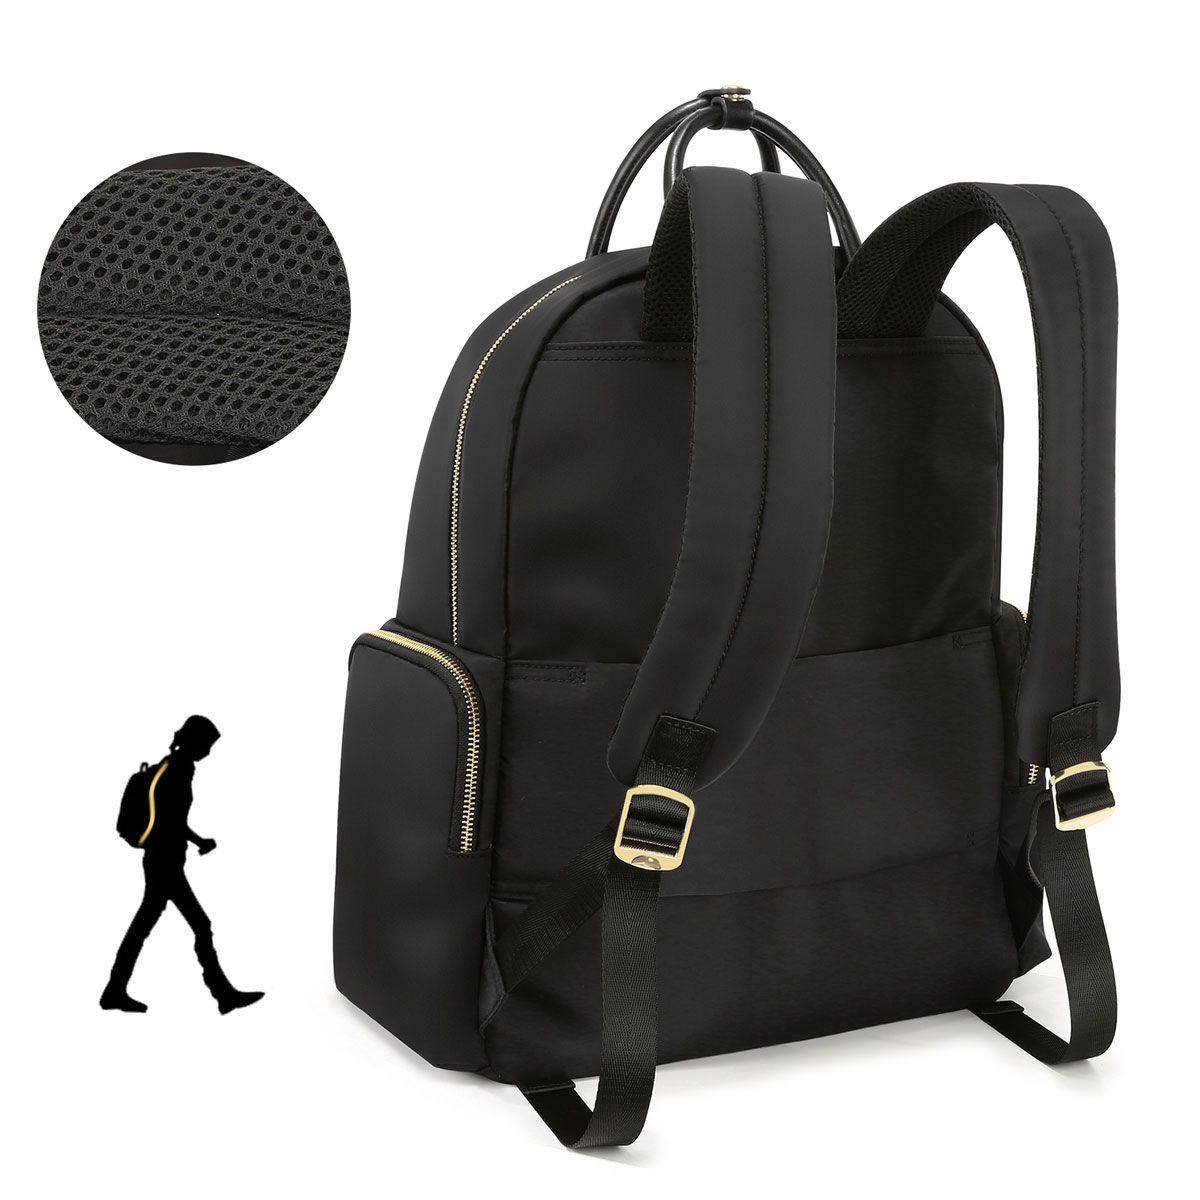 Travel Backpack for Women Lightweight Fashion Shoulder Bag School Bag Casual Daypack